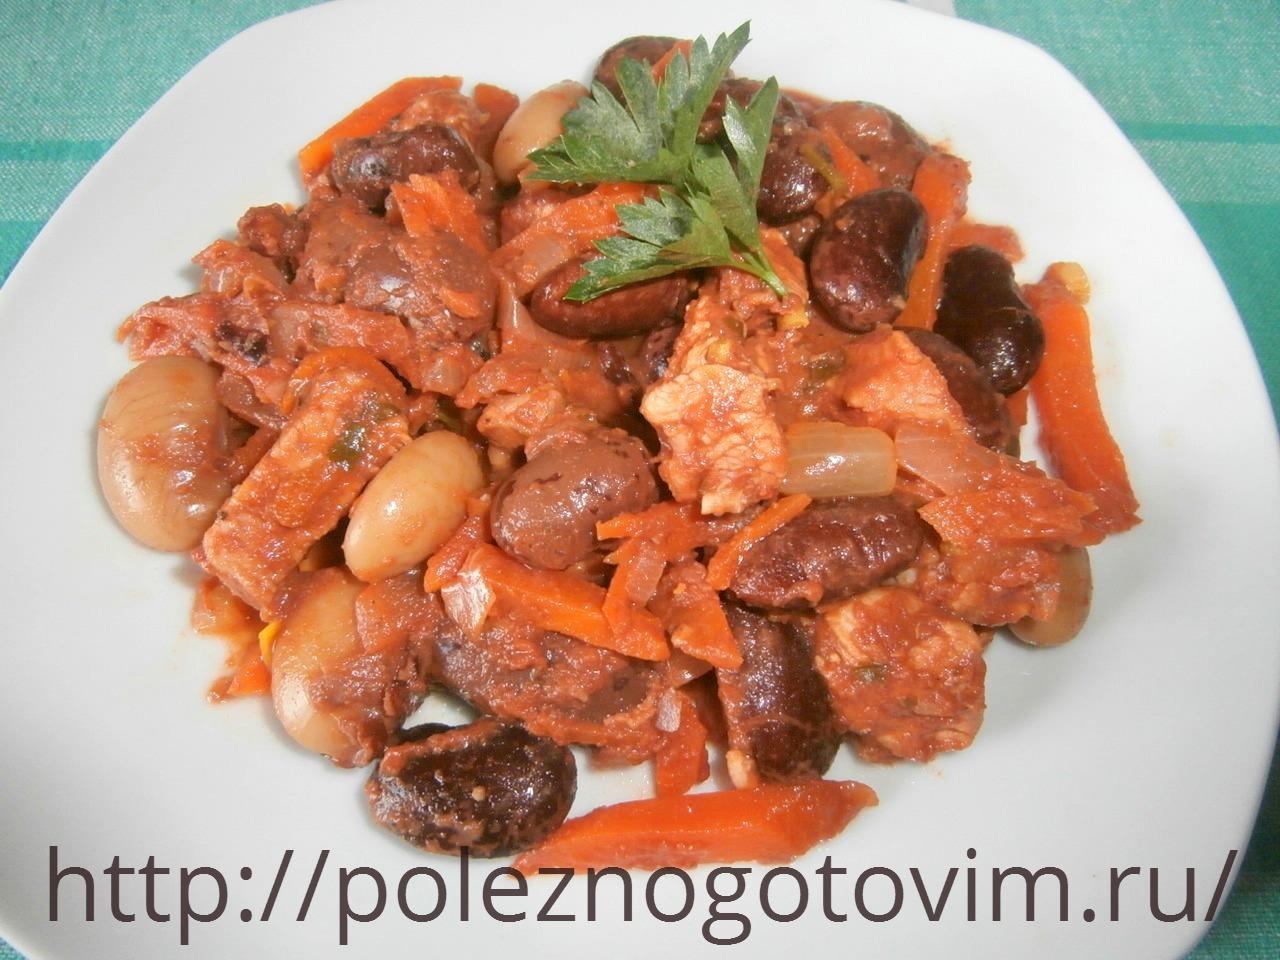 Мясо с фасолью консервированной рецепт с фото пошагово